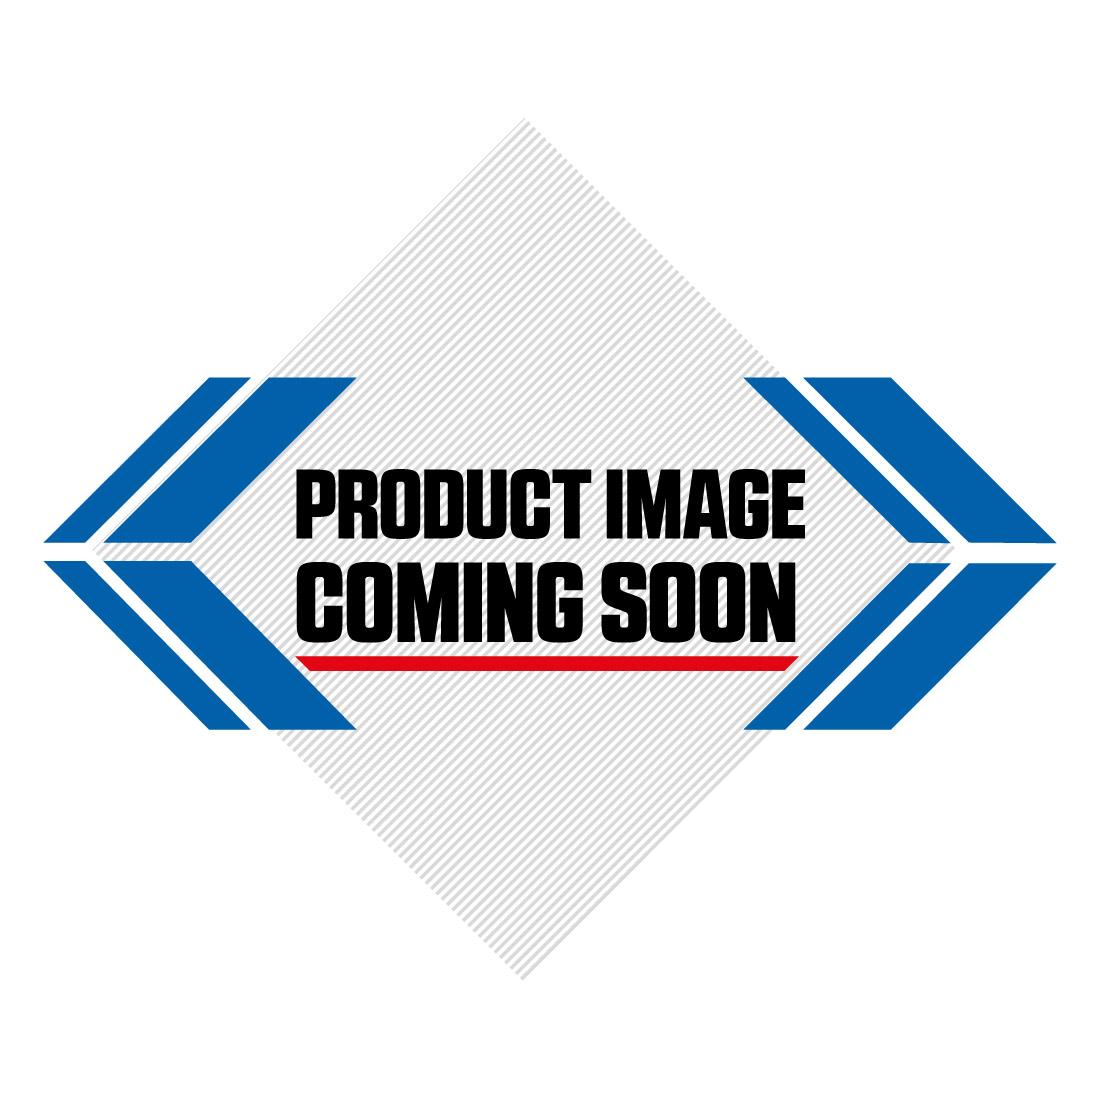 Husqvarna Plastic Kit OEM Factory (07-08) Image-1>